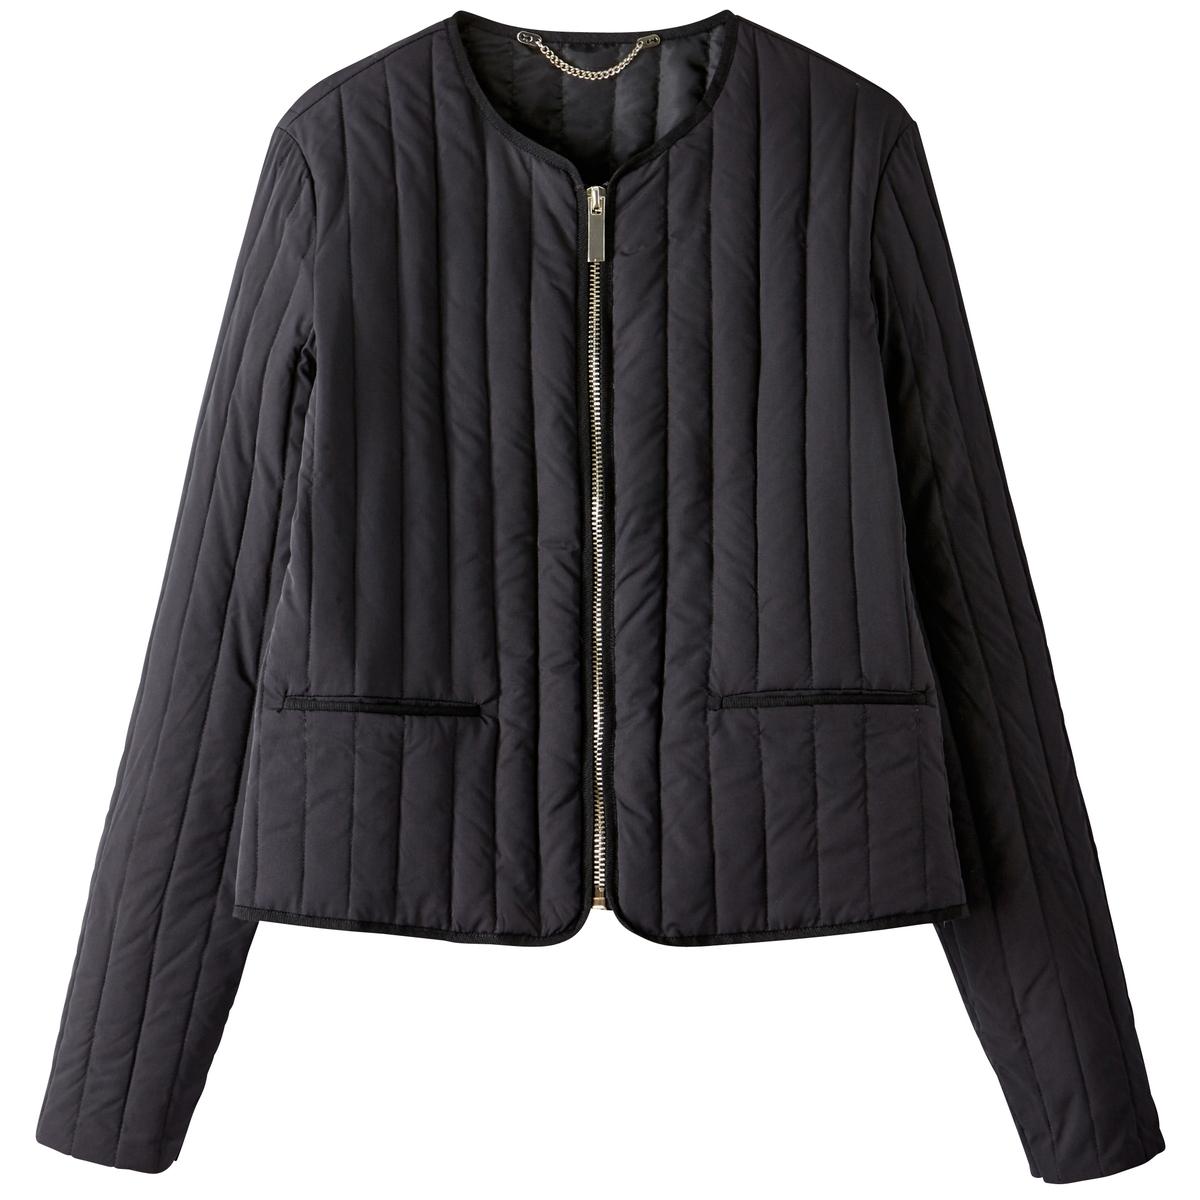 Куртка стеганая тонкая без воротникаОчень женственная стеганая куртка с коротким и прямым покроем . Очень удобная куртка с тонким наполнителем из пуха и пера Детали •  Длина : укороченная   •  Круглый вырез •  Застежка на молниюСостав и уход •  28% полиамида, 72% полиэстера •  Наполнитель : 90% пуха, 10% пера •  Температура стирки при 30° на деликатном режиме   •  Деликатная чистка/без отбеливателей •  Не использовать барабанную сушку   •  Не гладить •  Длина : 54 см<br><br>Цвет: темно-бежевый,черный<br>Размер: 36 (FR) - 42 (RUS).34 (FR) - 40 (RUS).50 (FR) - 56 (RUS).48 (FR) - 54 (RUS).48 (FR) - 54 (RUS).38 (FR) - 44 (RUS).38 (FR) - 44 (RUS)